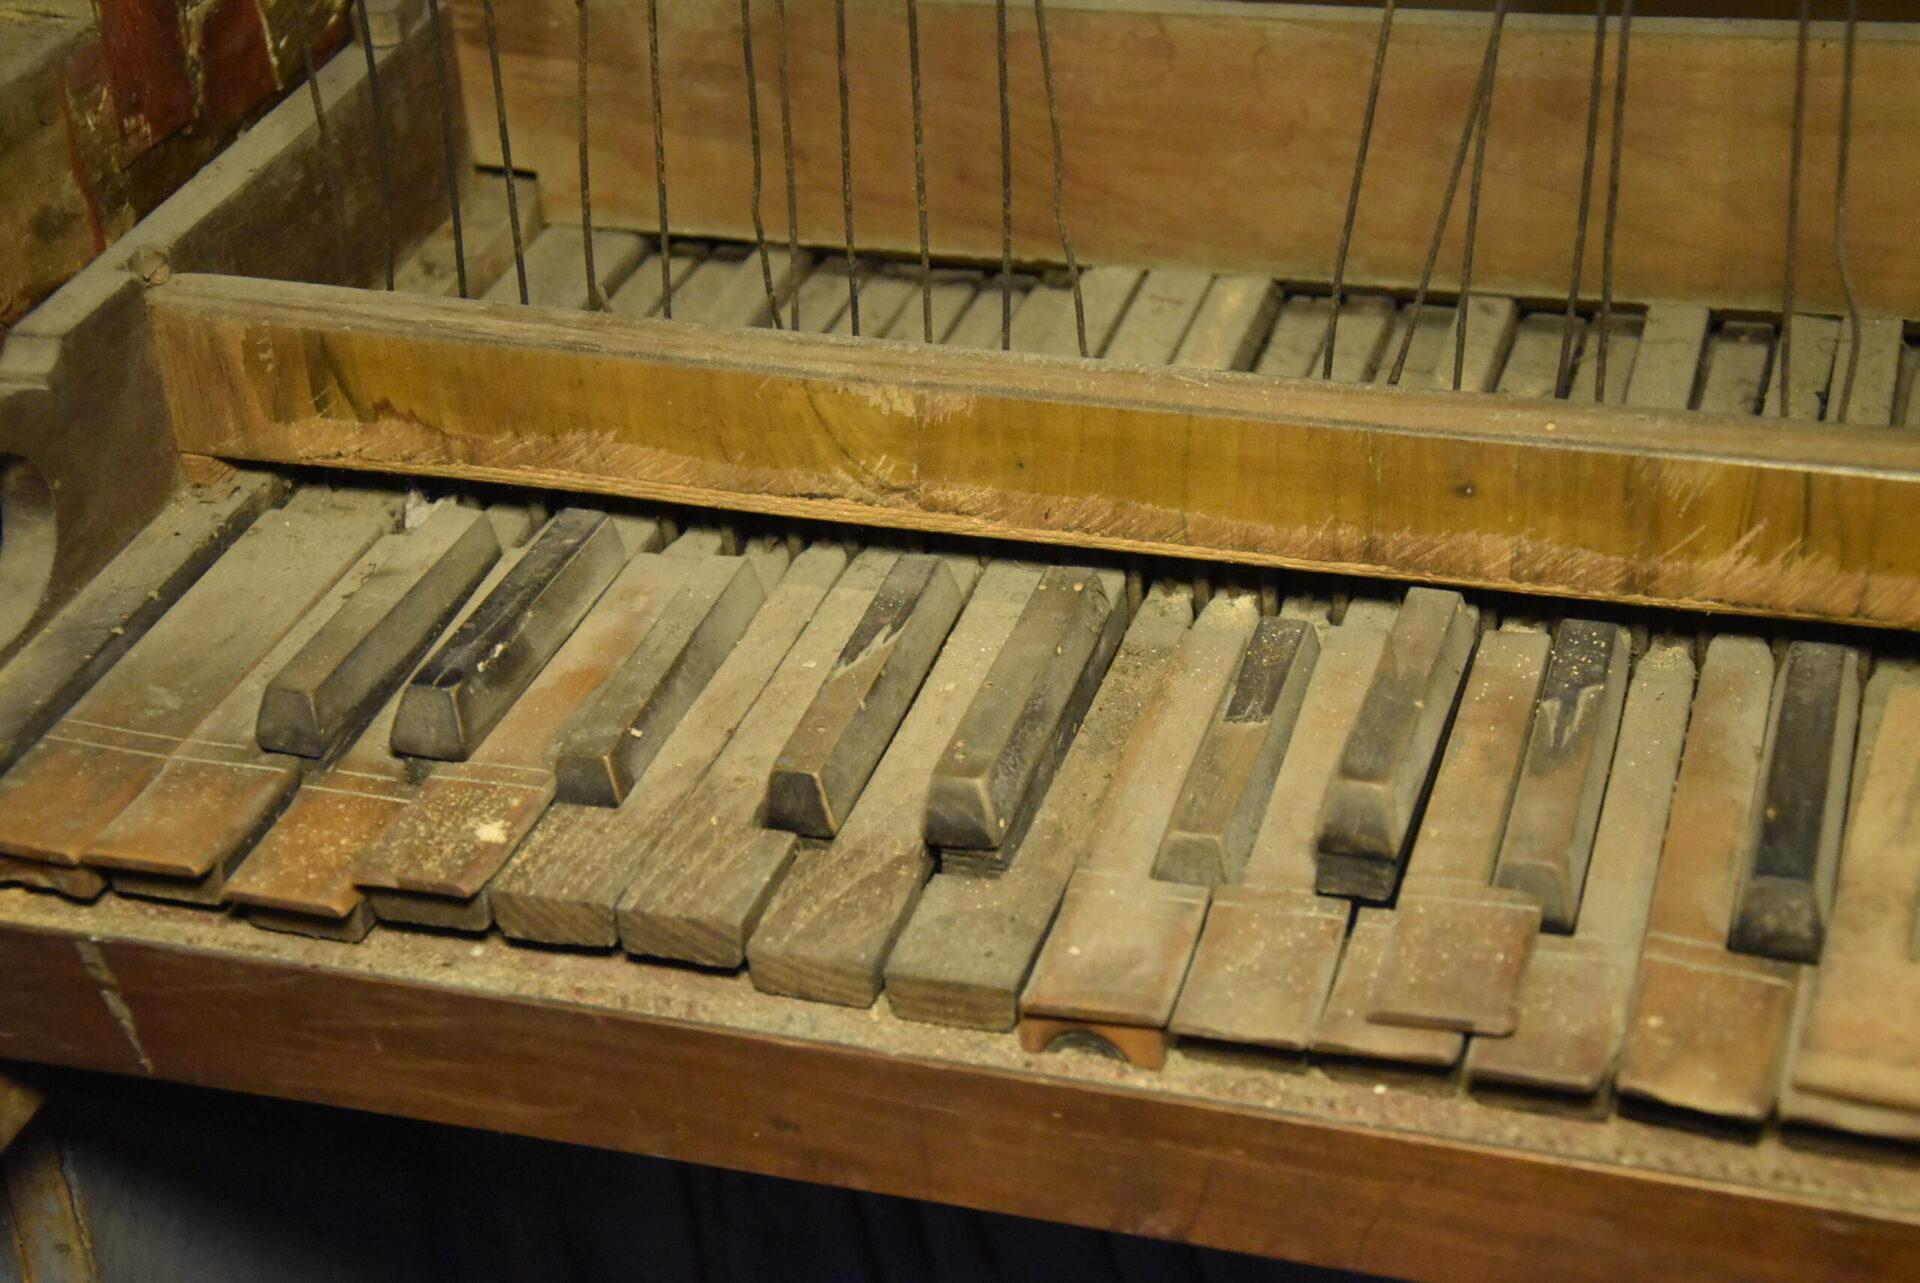 Recupero prezioso. Fu l'organo suonato da Puccini, ecco il progetto degli studenti per restaurarlo e salvarlo dall'abbandono